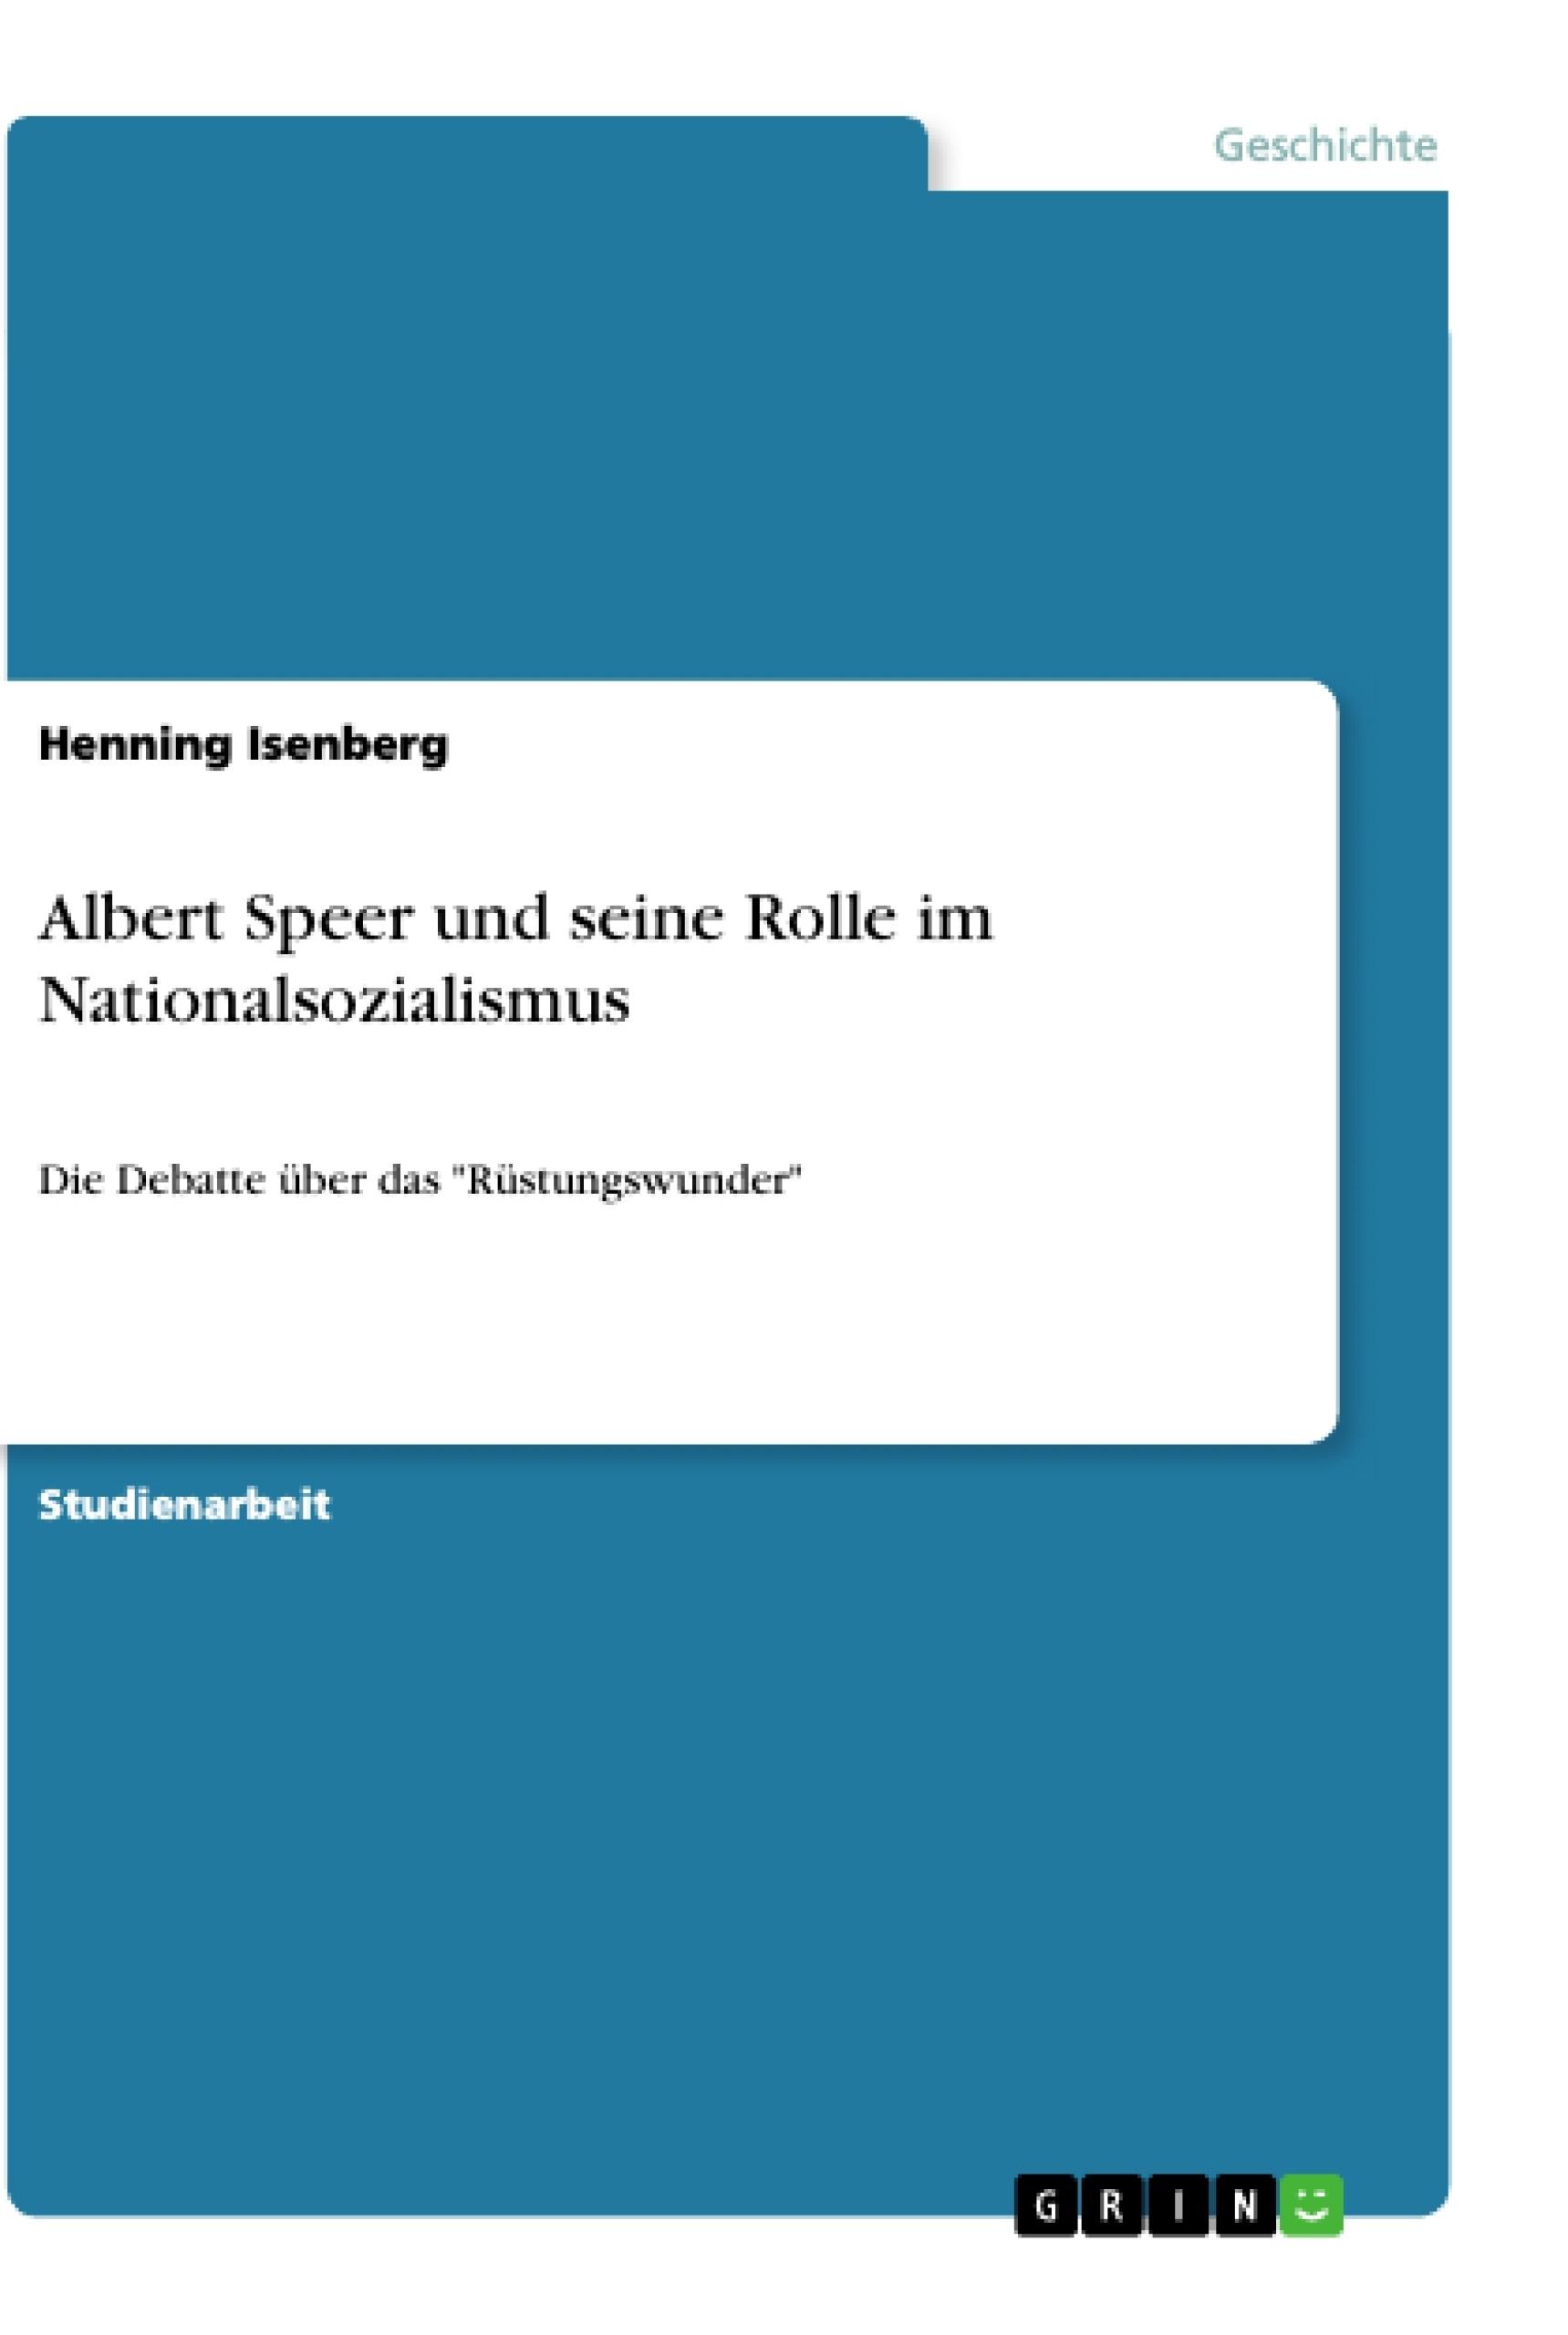 Titel: Albert Speer und seine Rolle im Nationalsozialismus